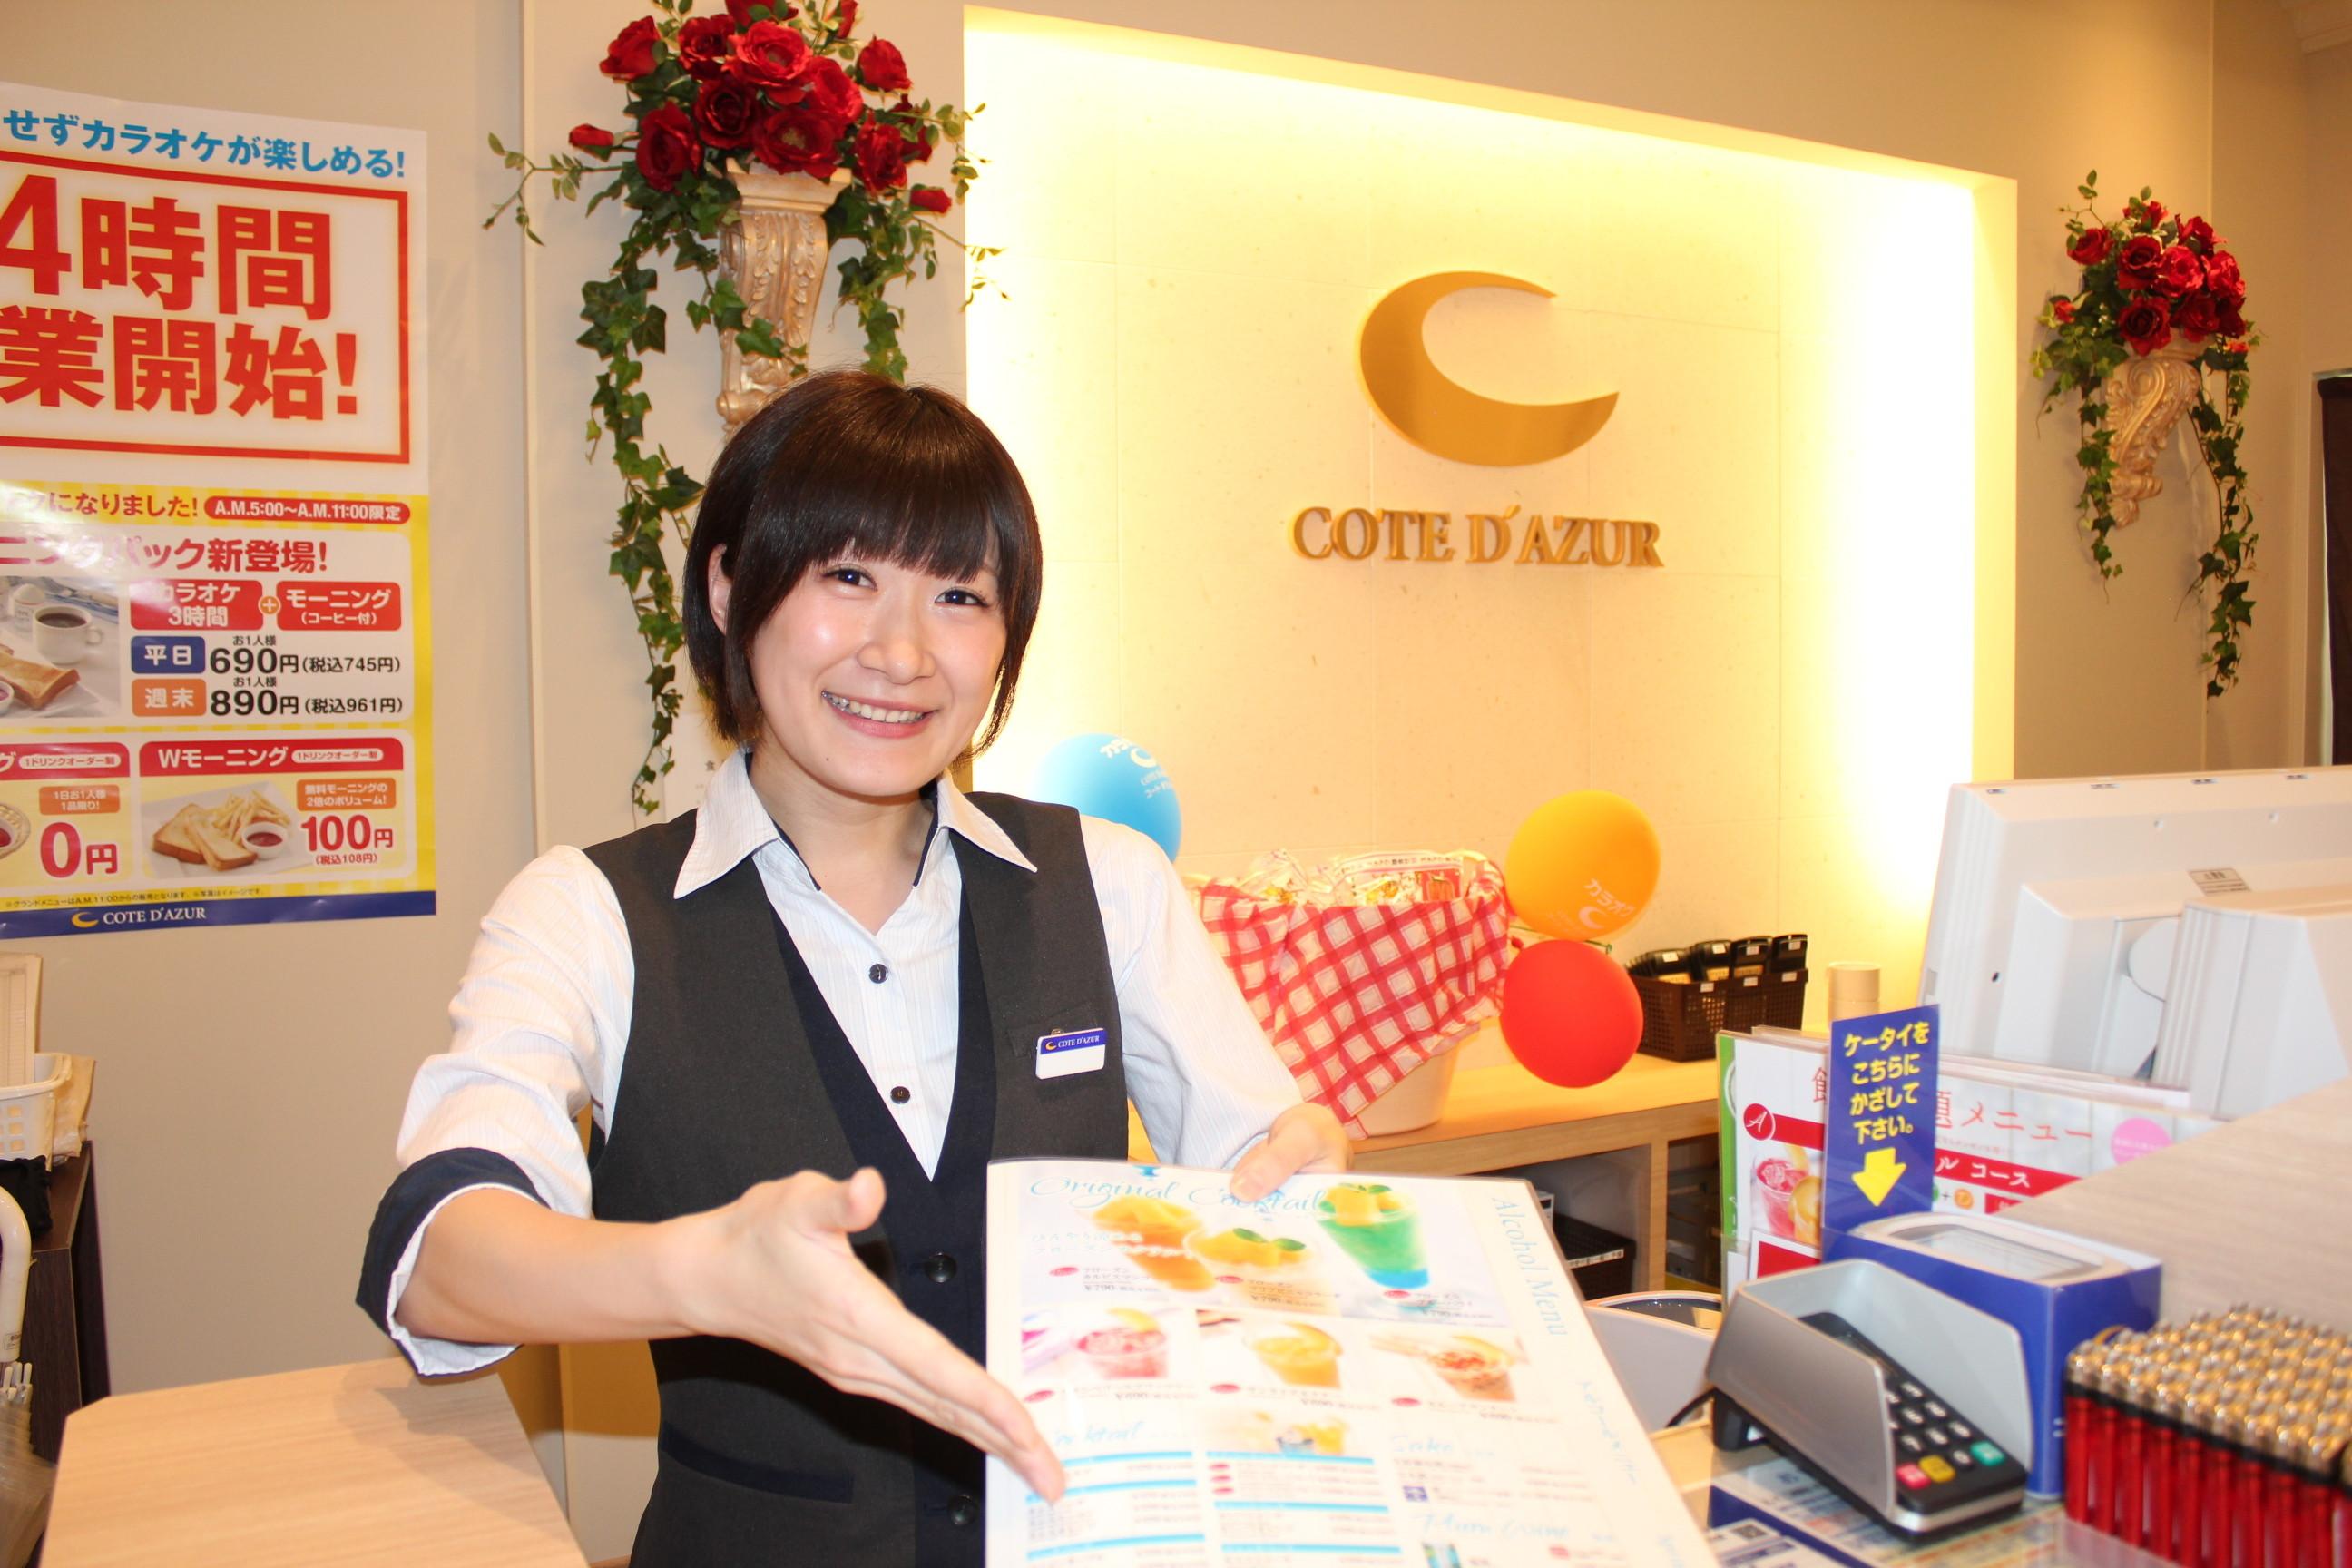 コート・ダジュール 新座駅前店 のアルバイト情報